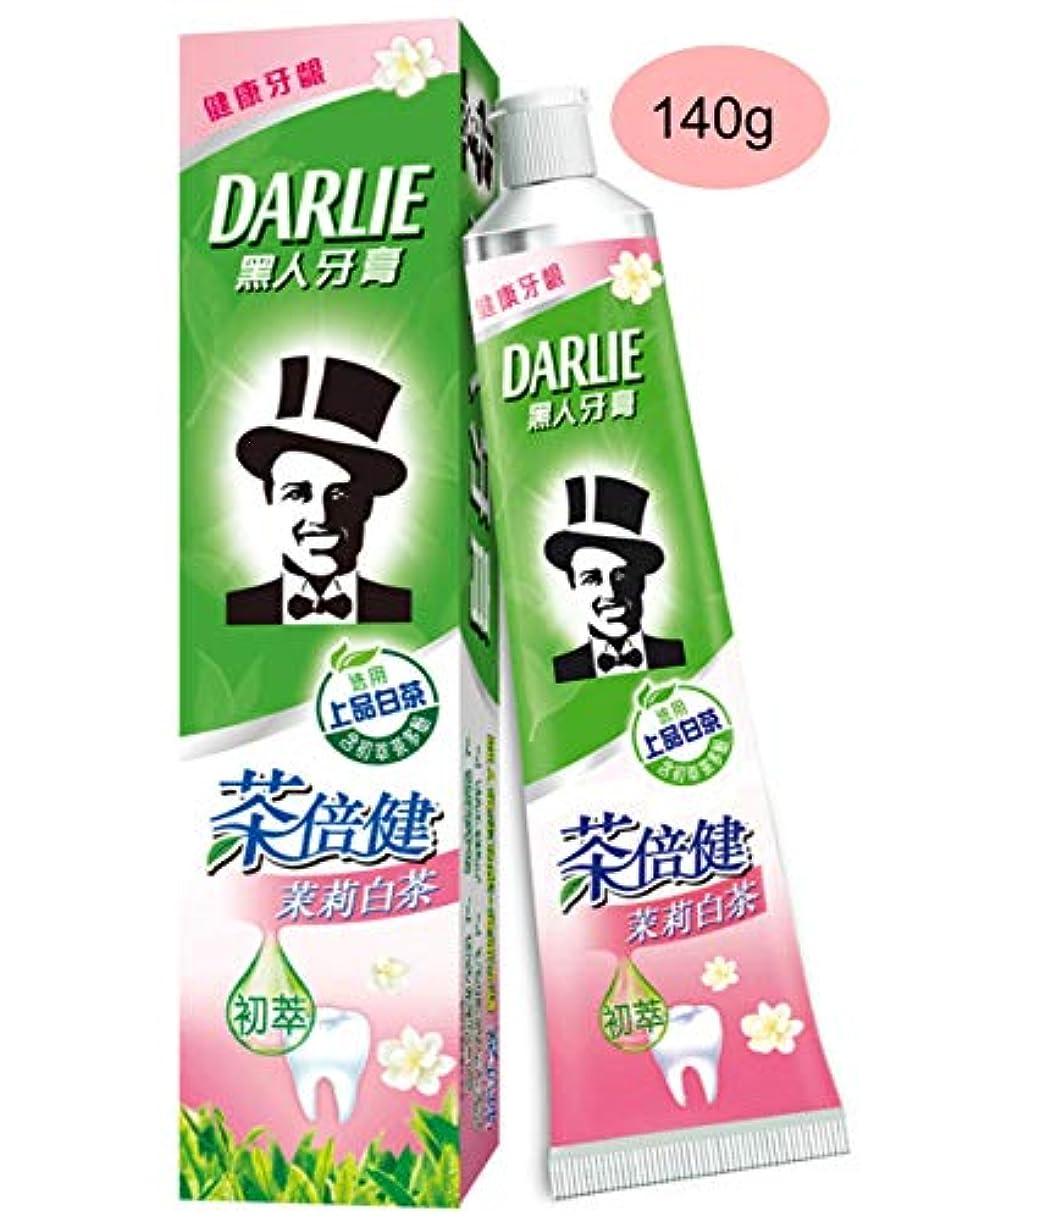 フリンジ行為器具台湾 黒人歯磨き粉 有機茶葉エキスシリーズ ジャスミンホワイトティーフレーバー 140g DARLIE 黑人牙膏 茶倍健 茉莉白茶